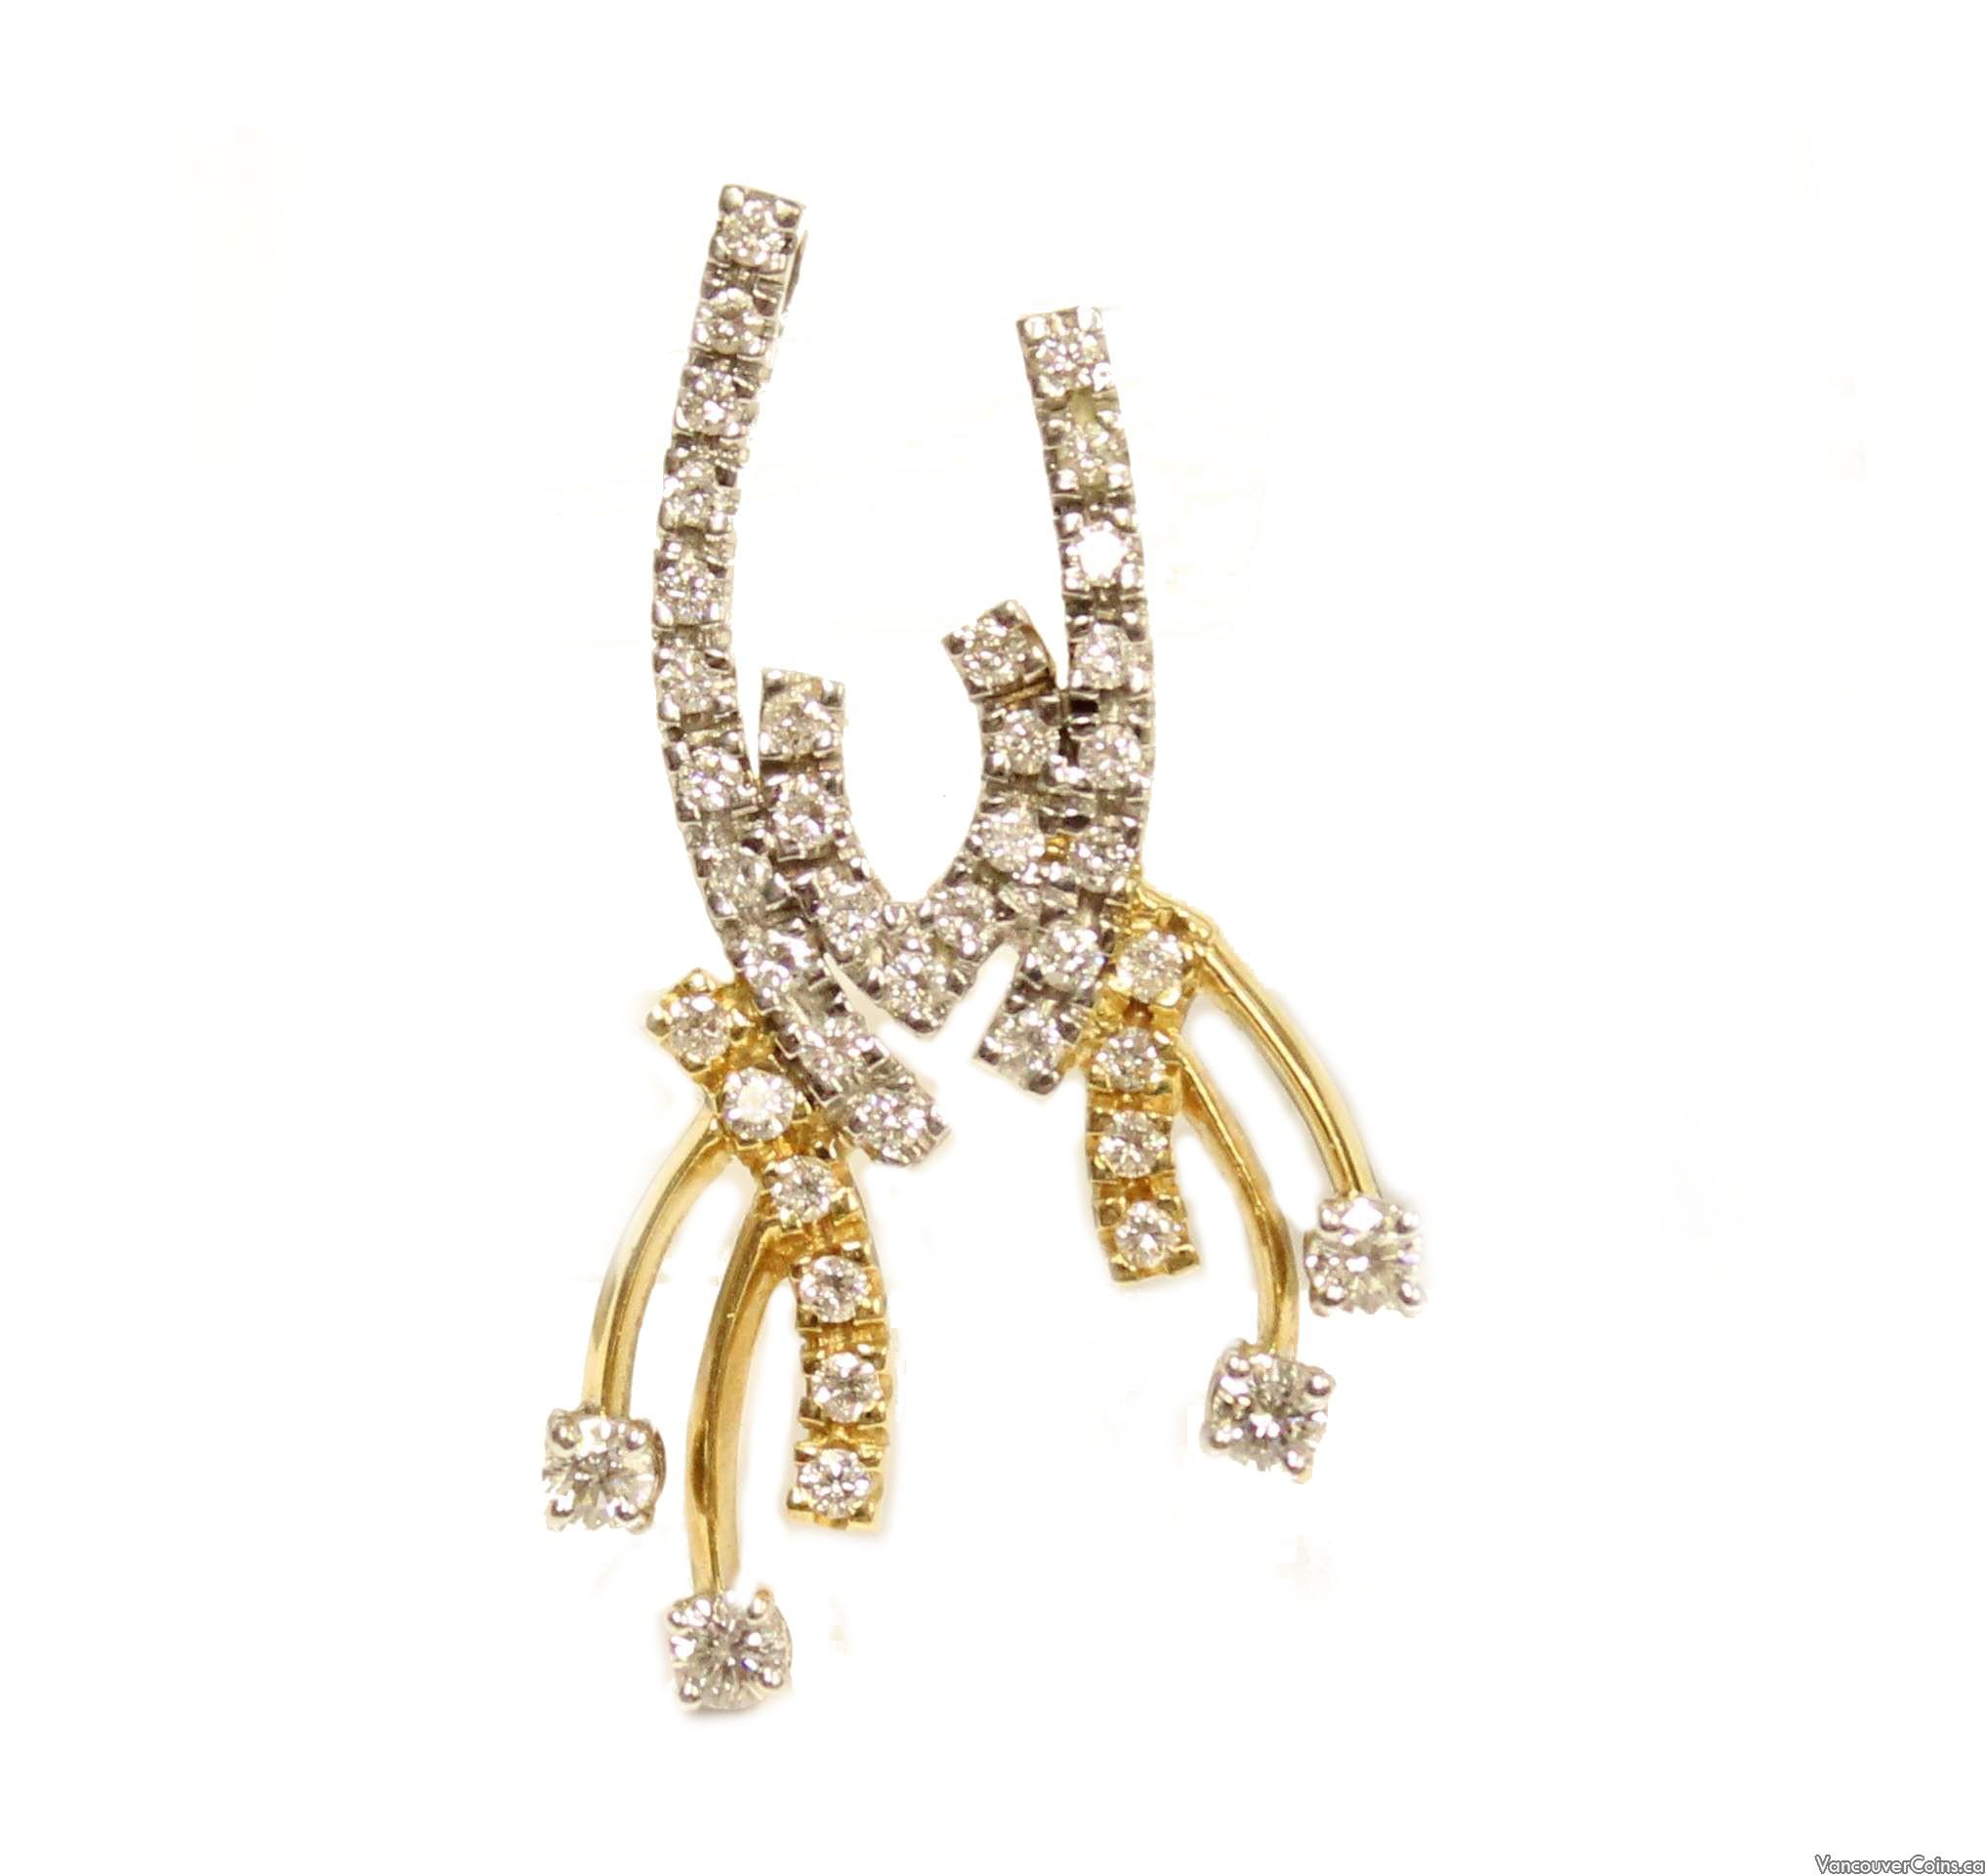 1.06ct tcw diamond pendant 18k yg & wg 45-diamonds